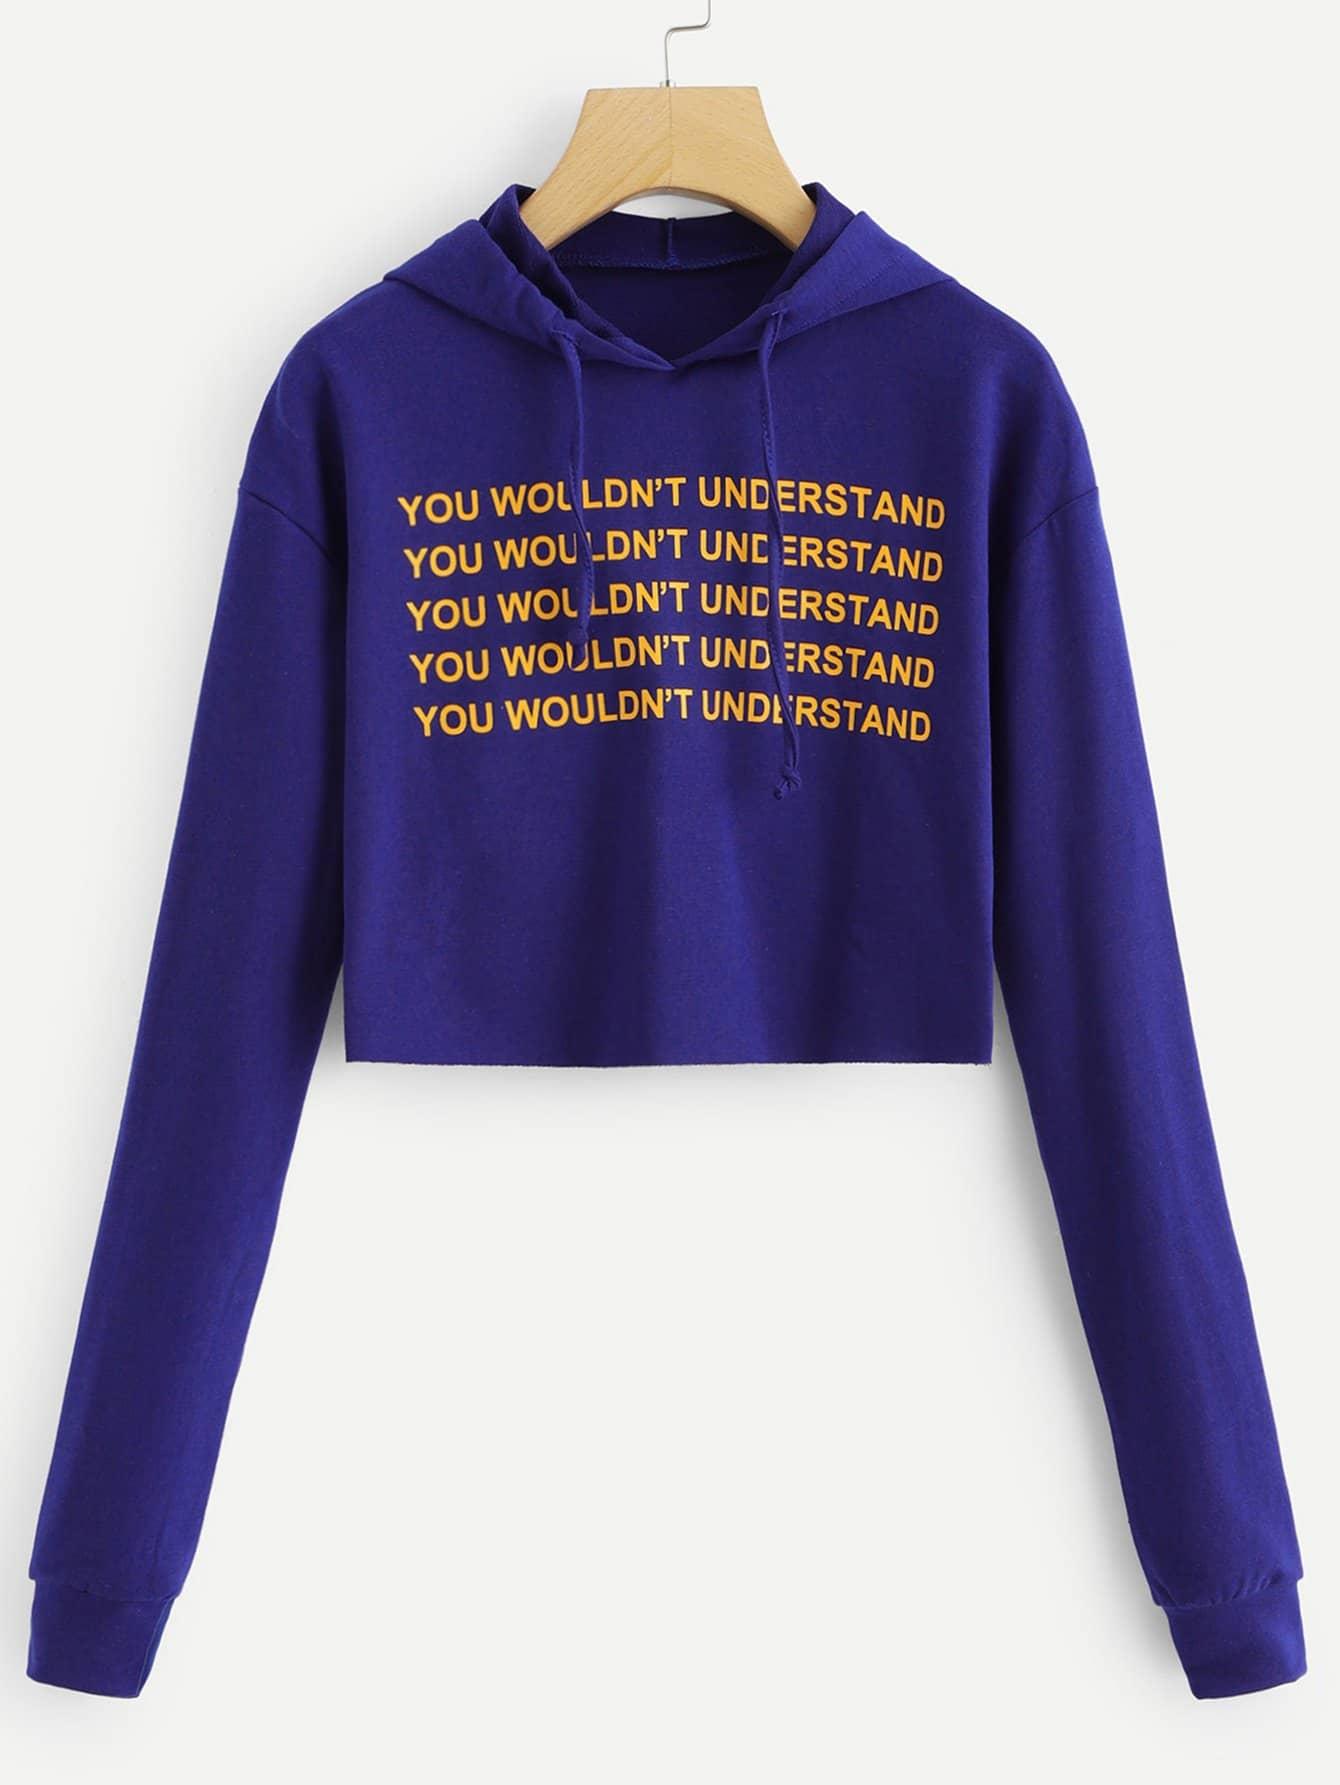 Купить Повседневный Текст на кулиске Пуловеры Синий Свитшоты, null, SheIn